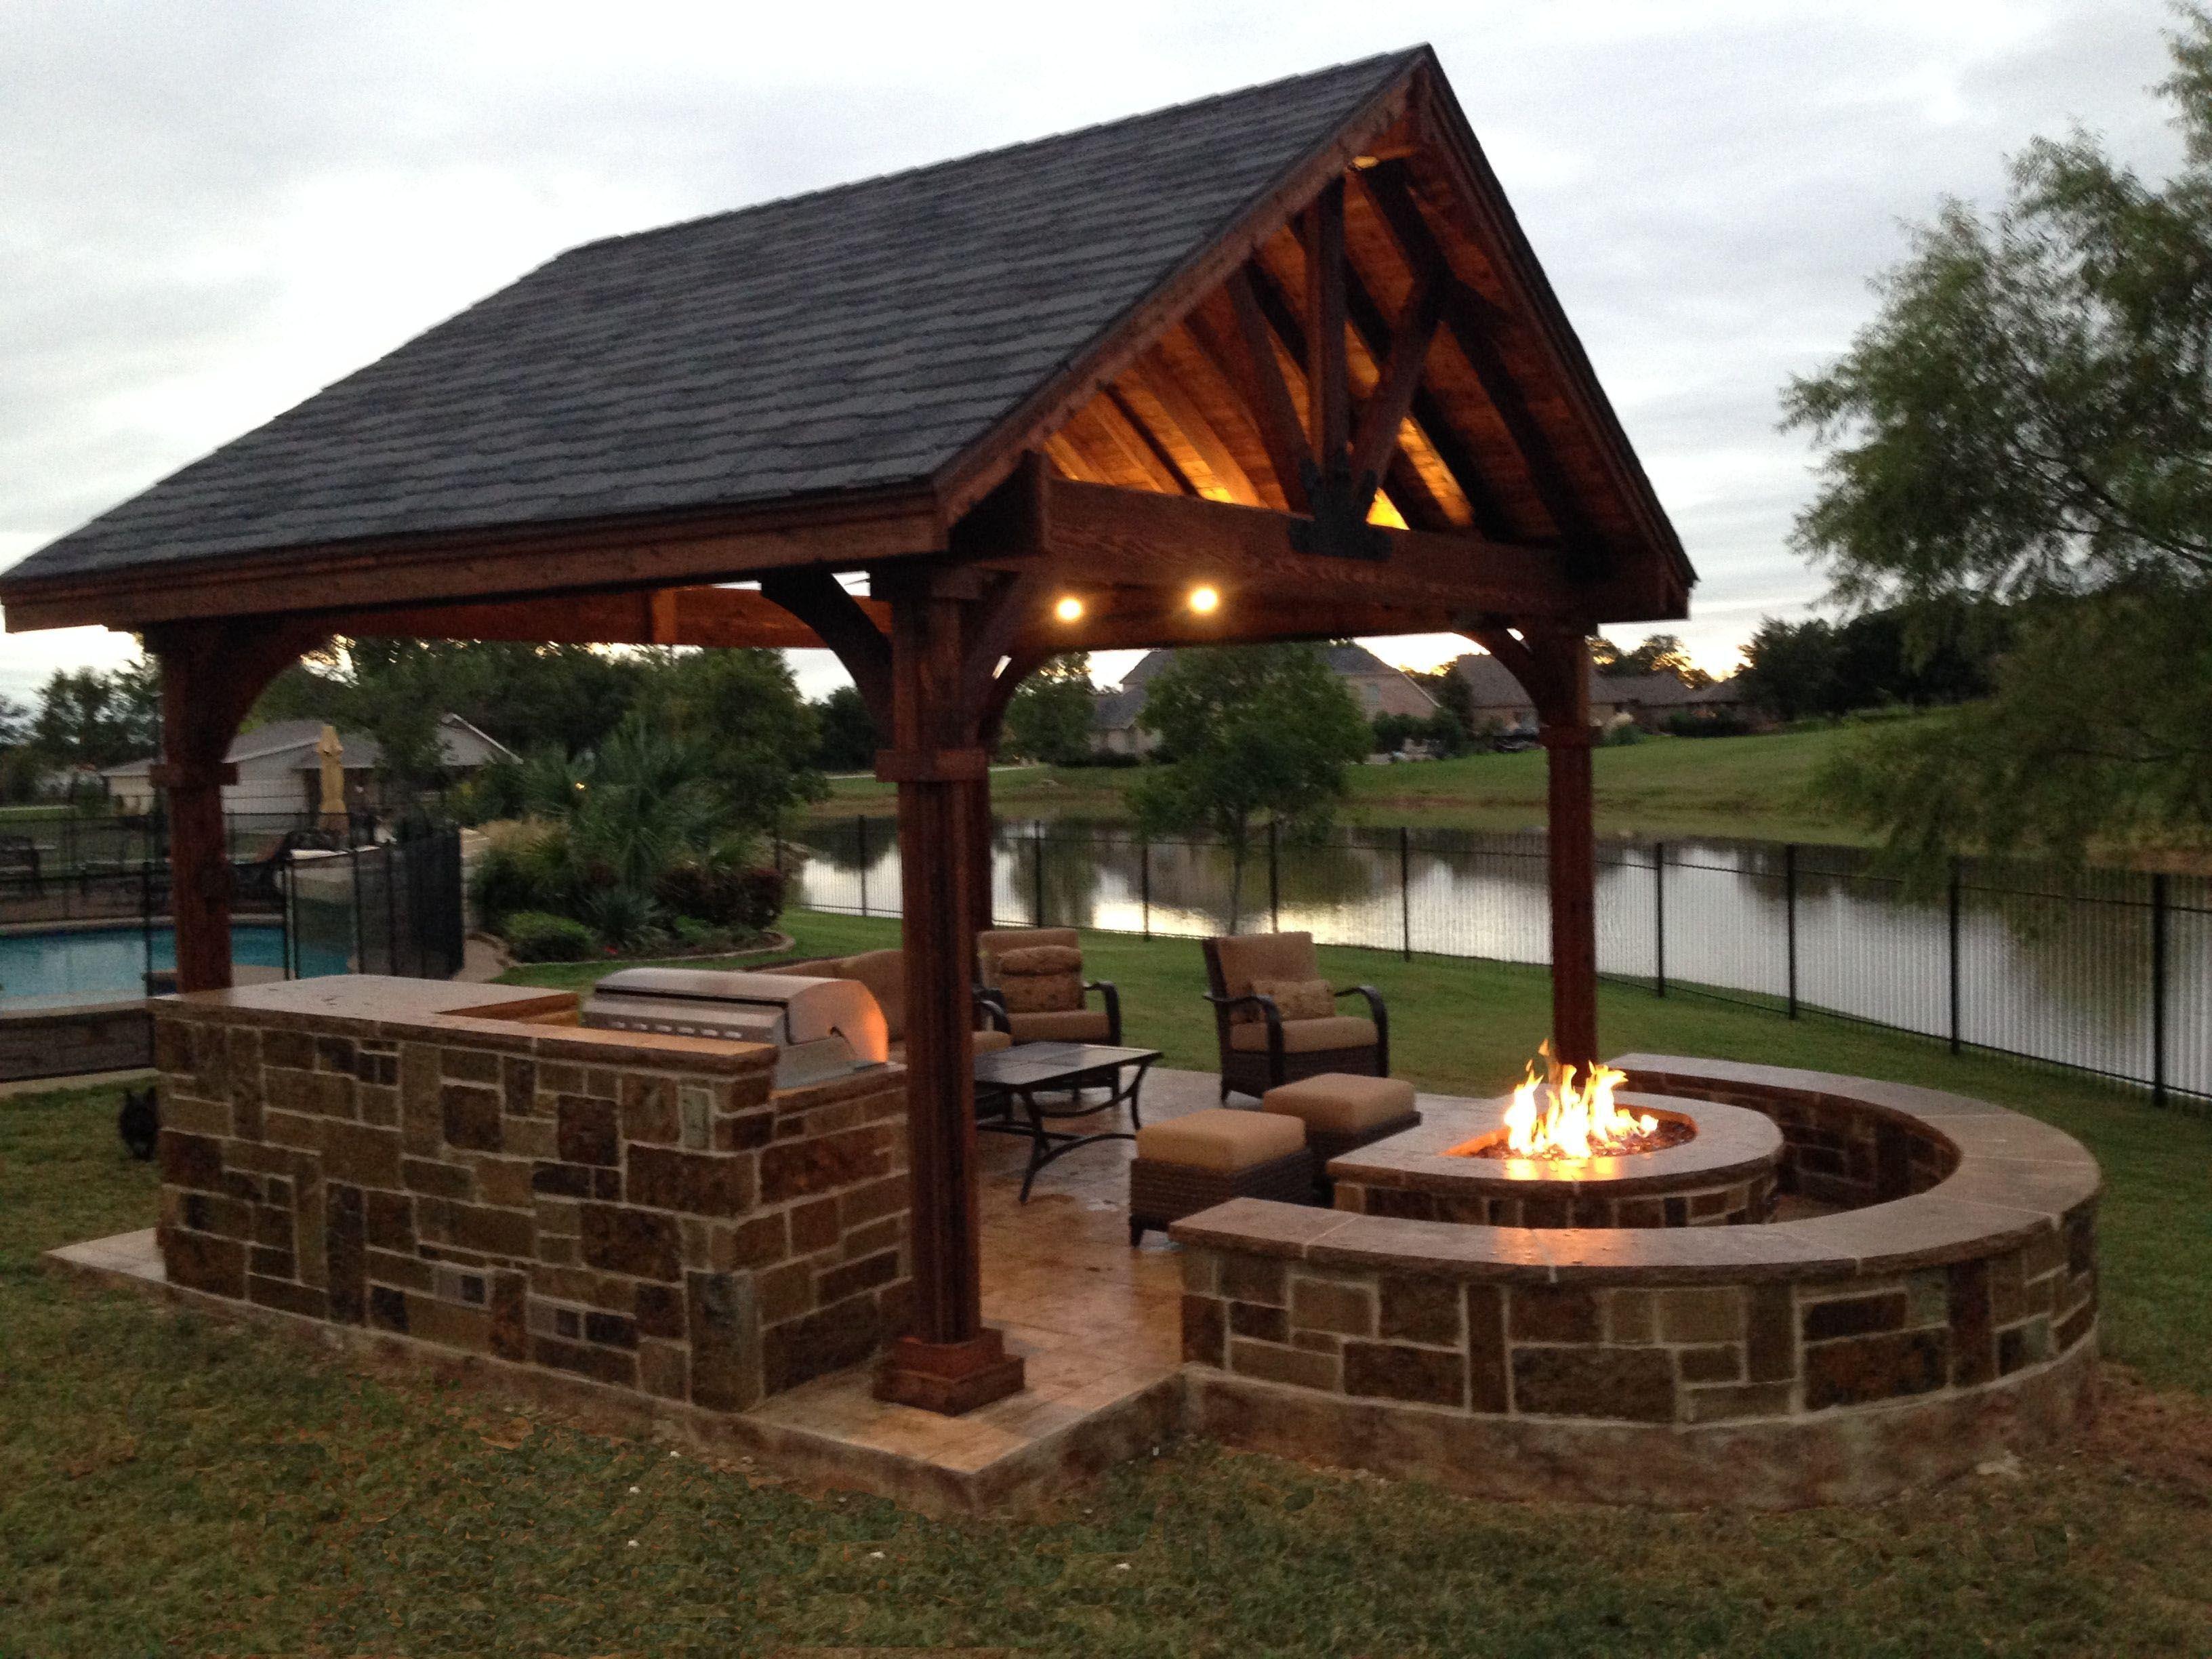 Incredible Fire Pit Ideas For Backyard That Will Impress You Backyard Pavilion Backyard Gazebo Backyard Fire